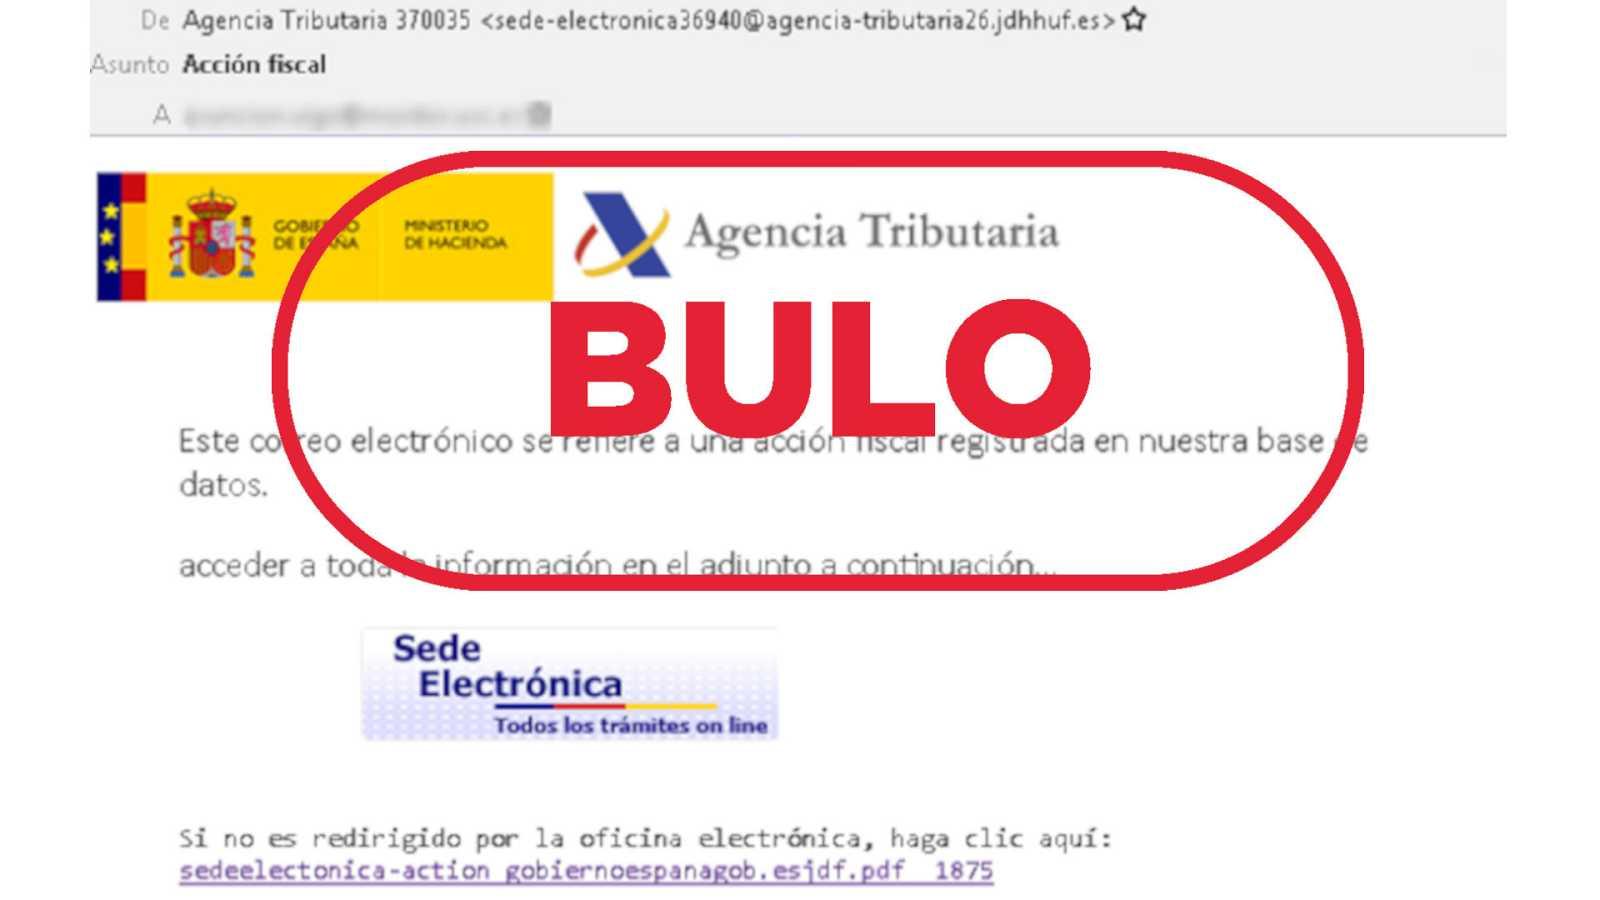 Imagen del correo electrónico que suplanta a la Agencia Tributaria con el sello bulo en rojo de VerificaRTVE